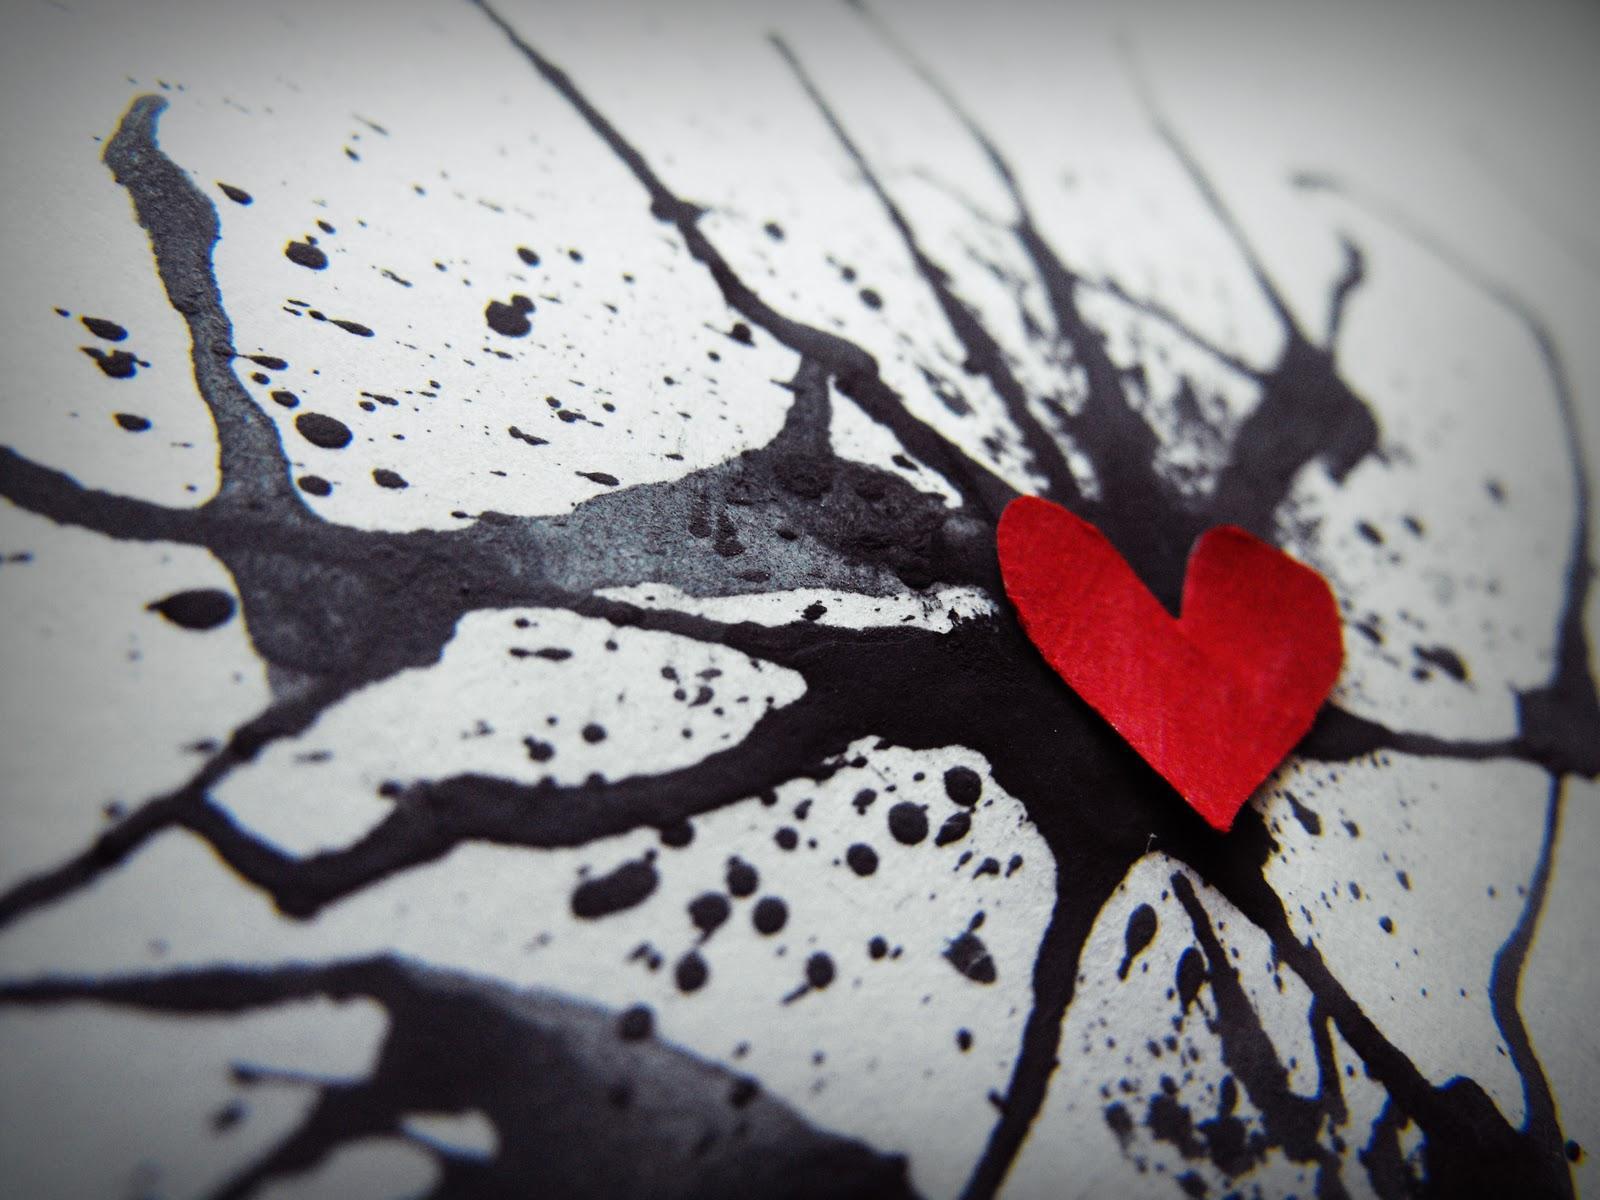 Aşk Acısı Reçetesi: İbni Sinadan Karasevdalılara 8 Tavsiye 95